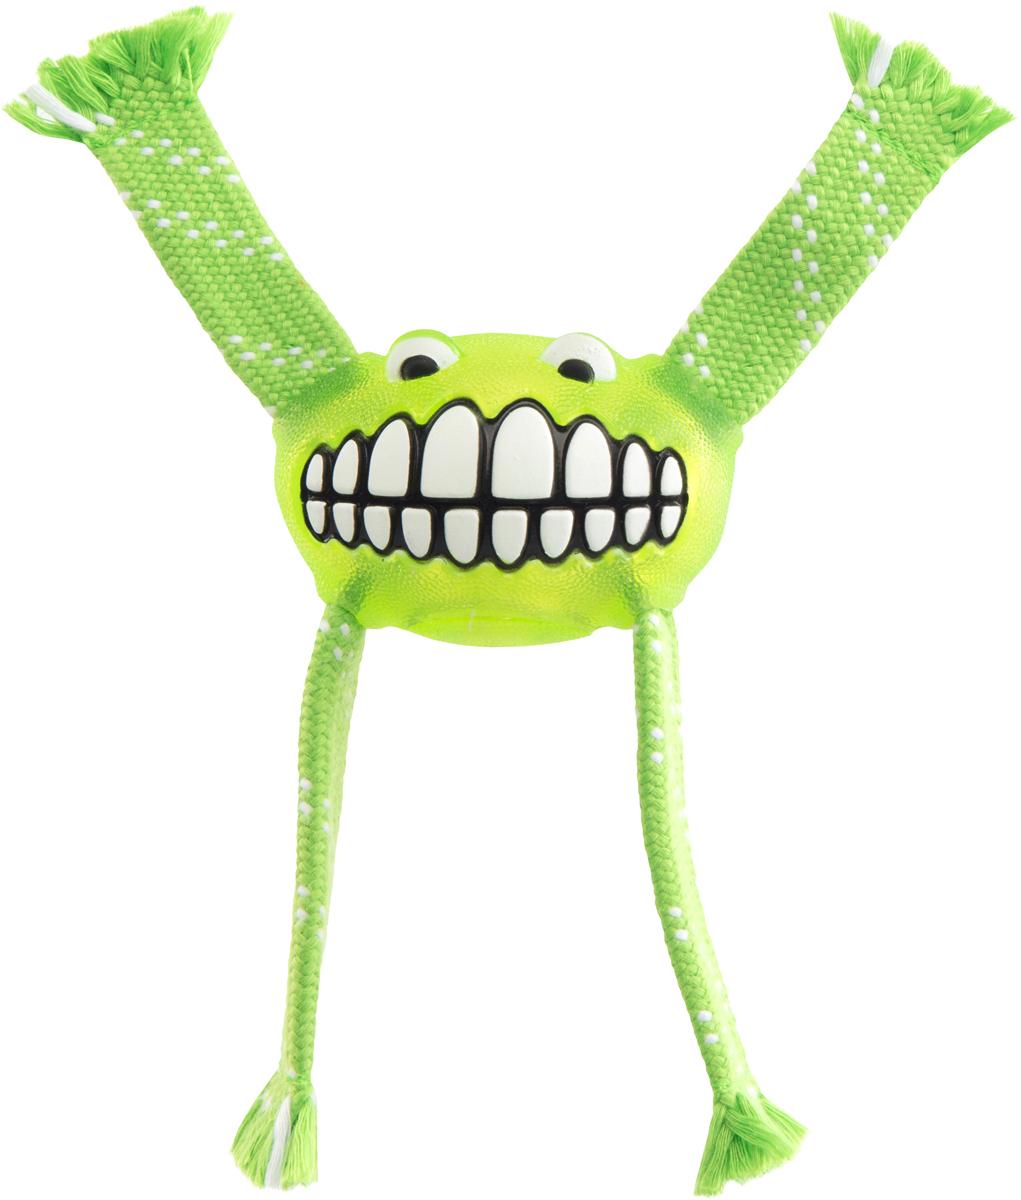 Игрушка для собак Rogz Flossy Grinz. Зубы, цвет: лайм, длина 16,5 смFGR01LИгрушка для собак Rogz Flossy Grinz. Зубы типа Отними - очень прочная и крепкая.Внутри – пищалка, что поддерживает интерес животного к игре.Уникальная функция игрушки - чистит язык и зубы.